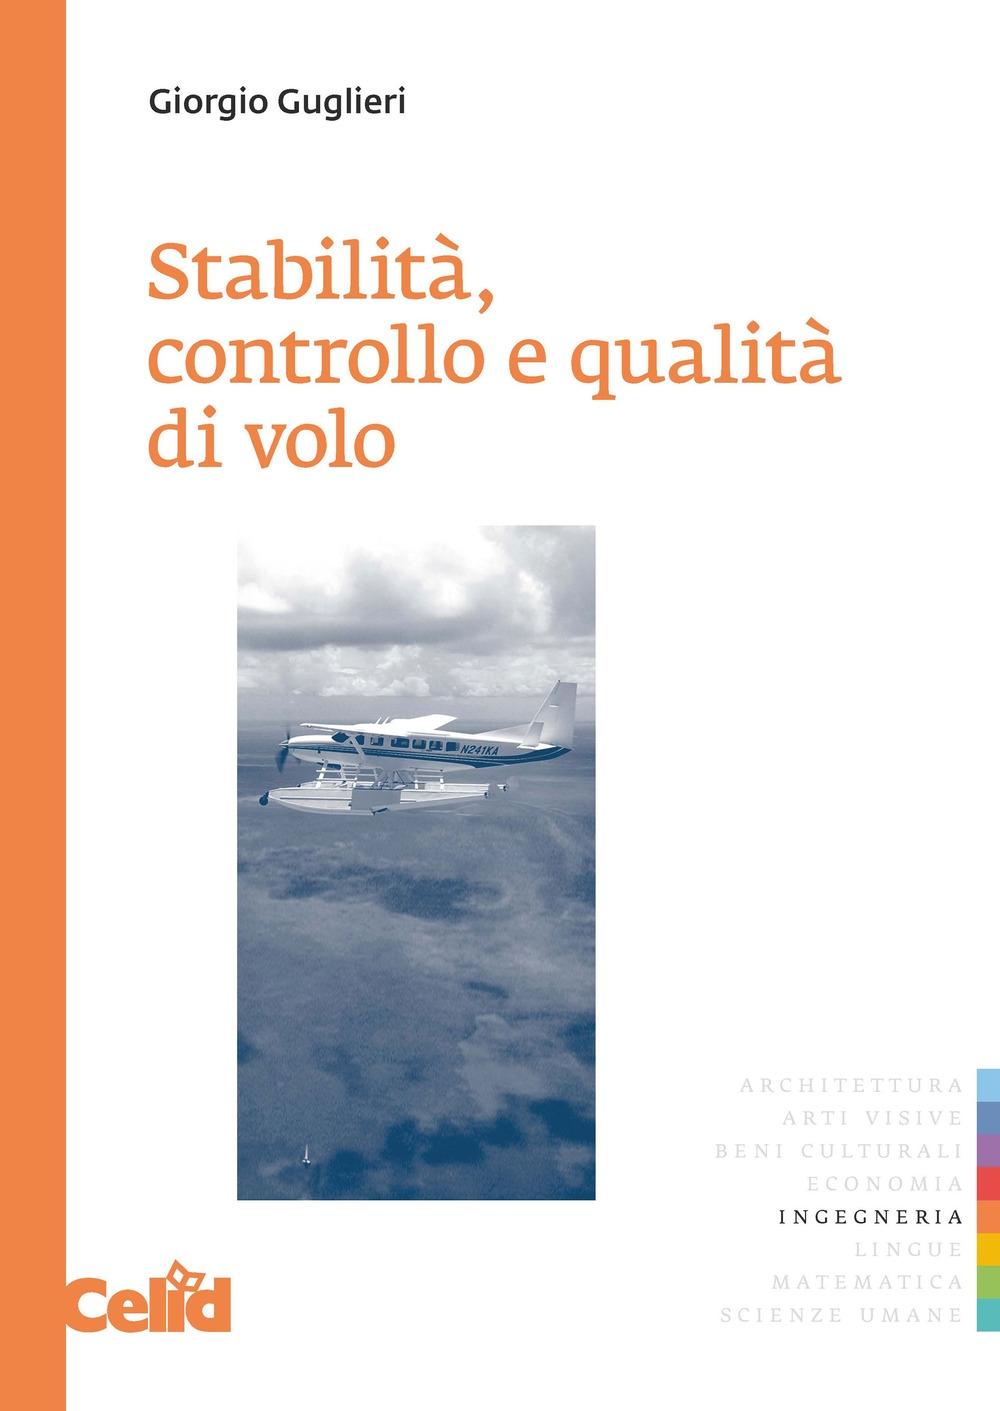 Stabilità, controllo e qualità di volo